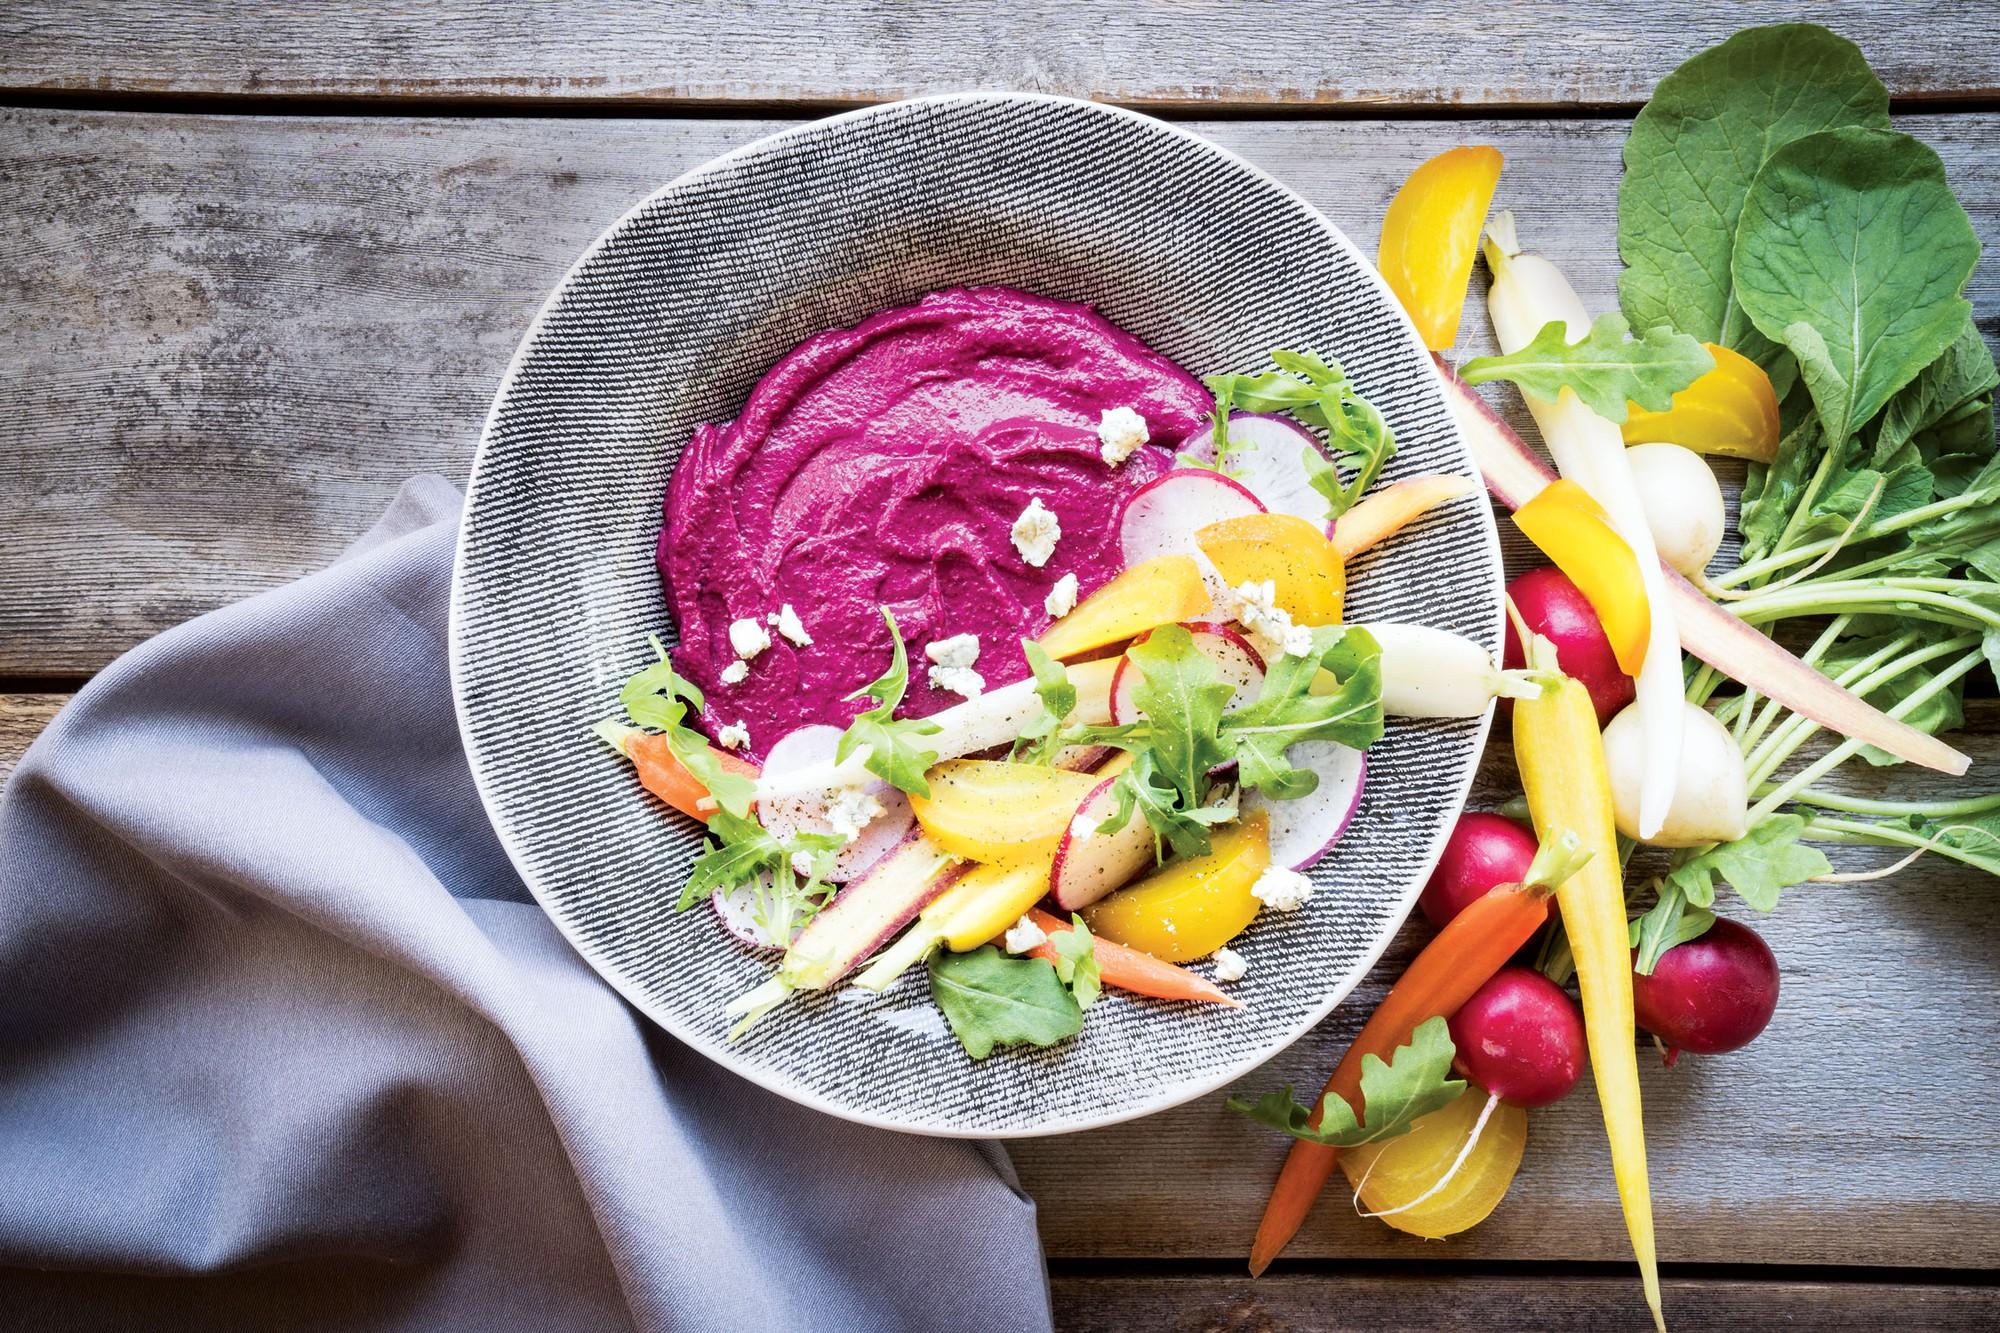 Duy trì một chế độ ăn kiêng khắt khe, rất có thể bạn đang thiếu hụt các chất dinh dưỡng sau - Ảnh 3.